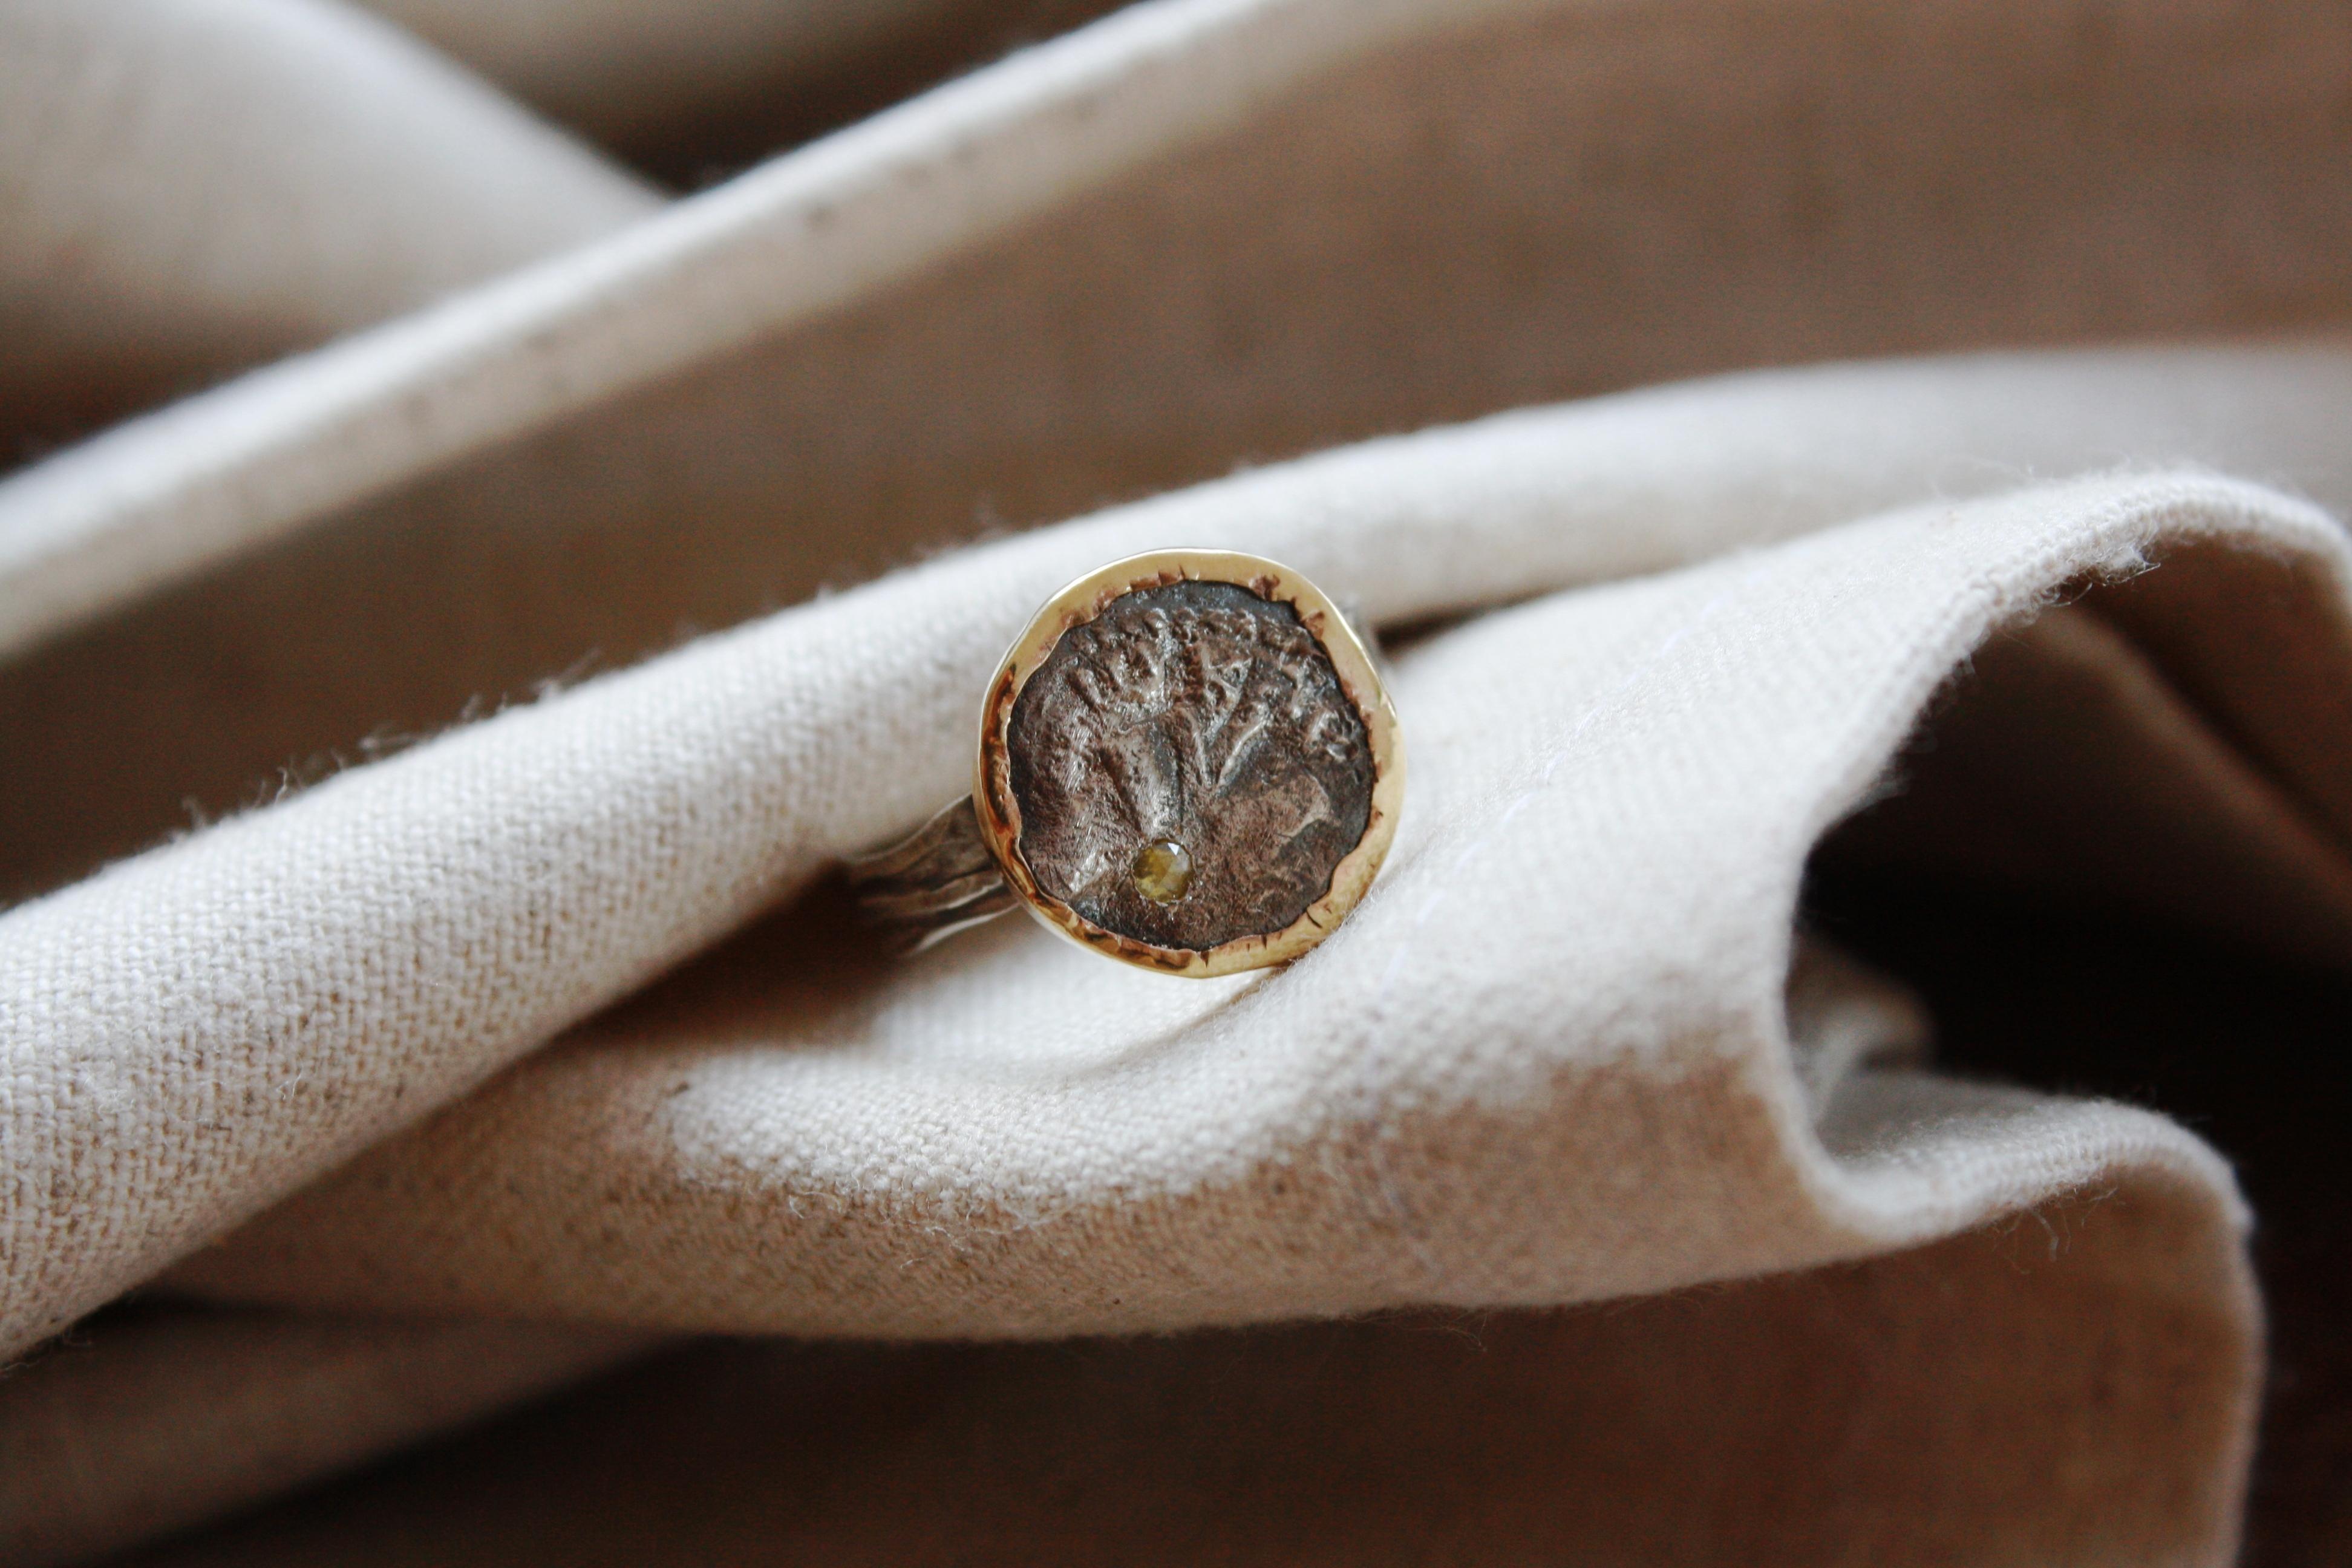 טבעת מטבע חשמואים, כסף וזהב.